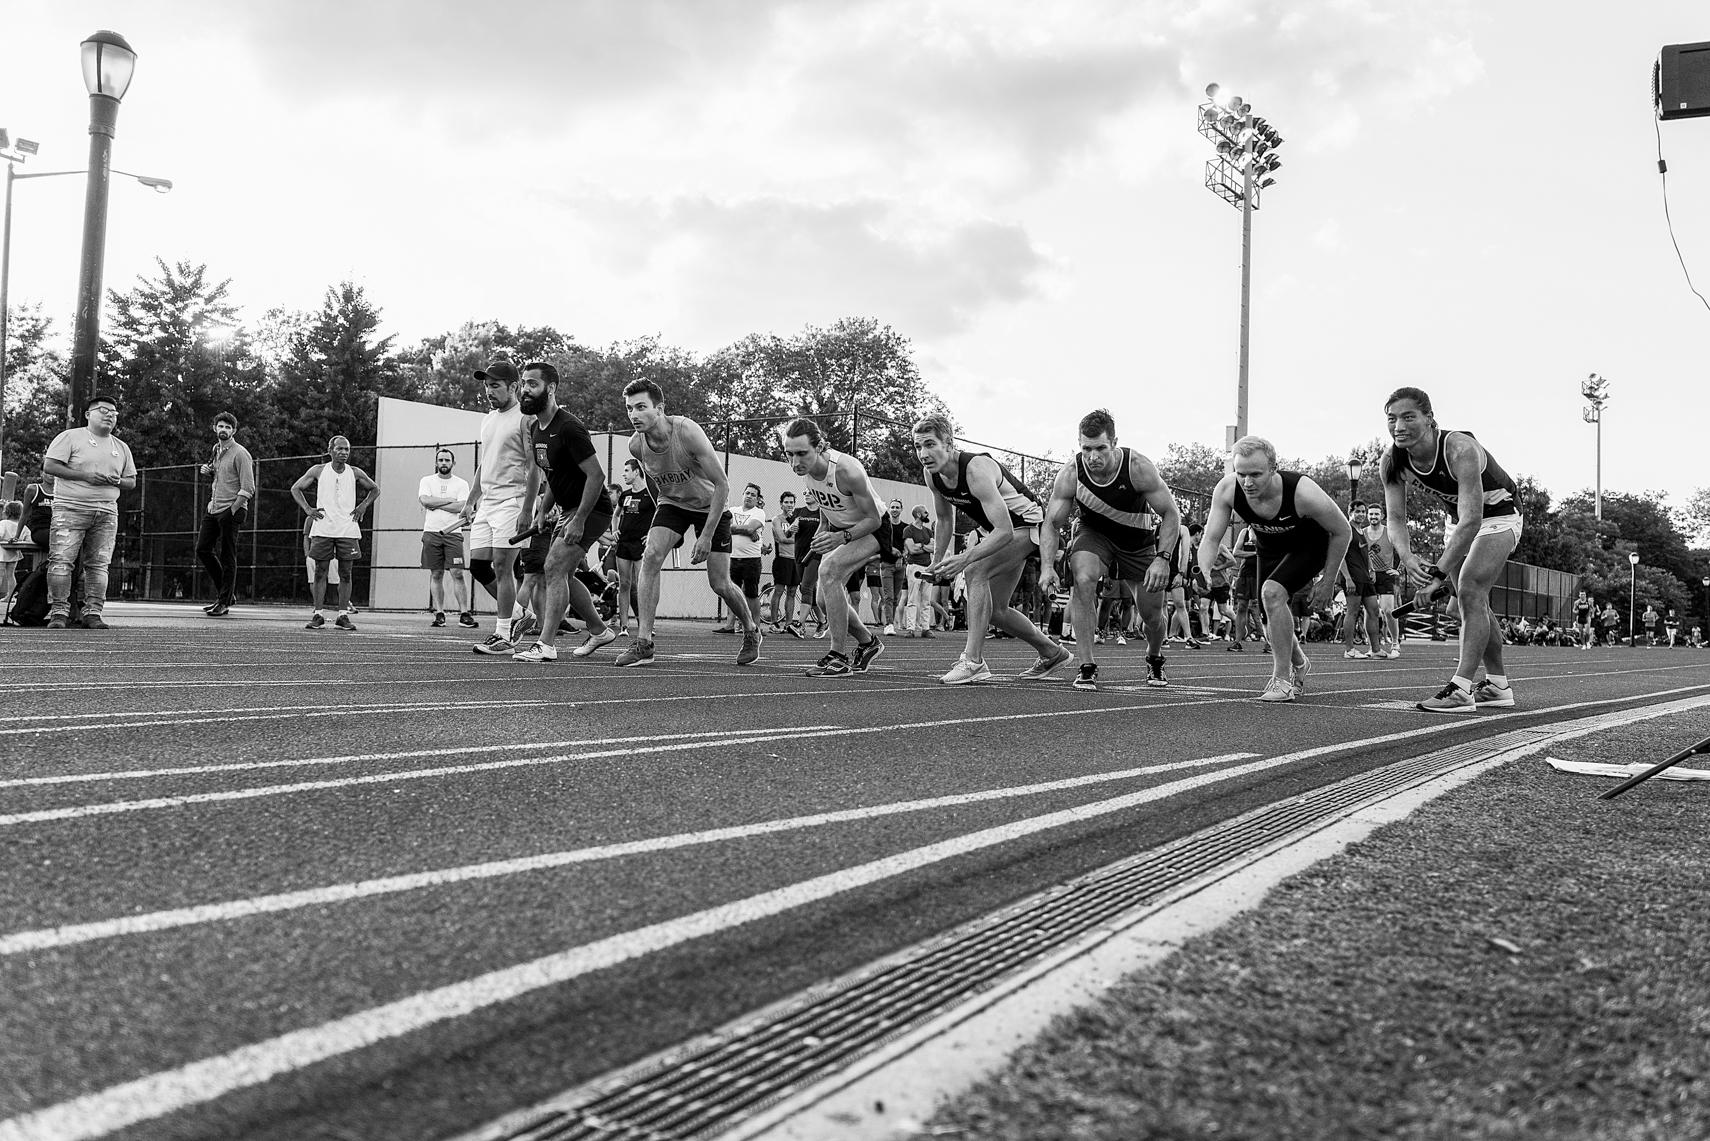 NBR McCarren Track Meet 2019-071219-Drew-ReynoldsDSC00185.jpg